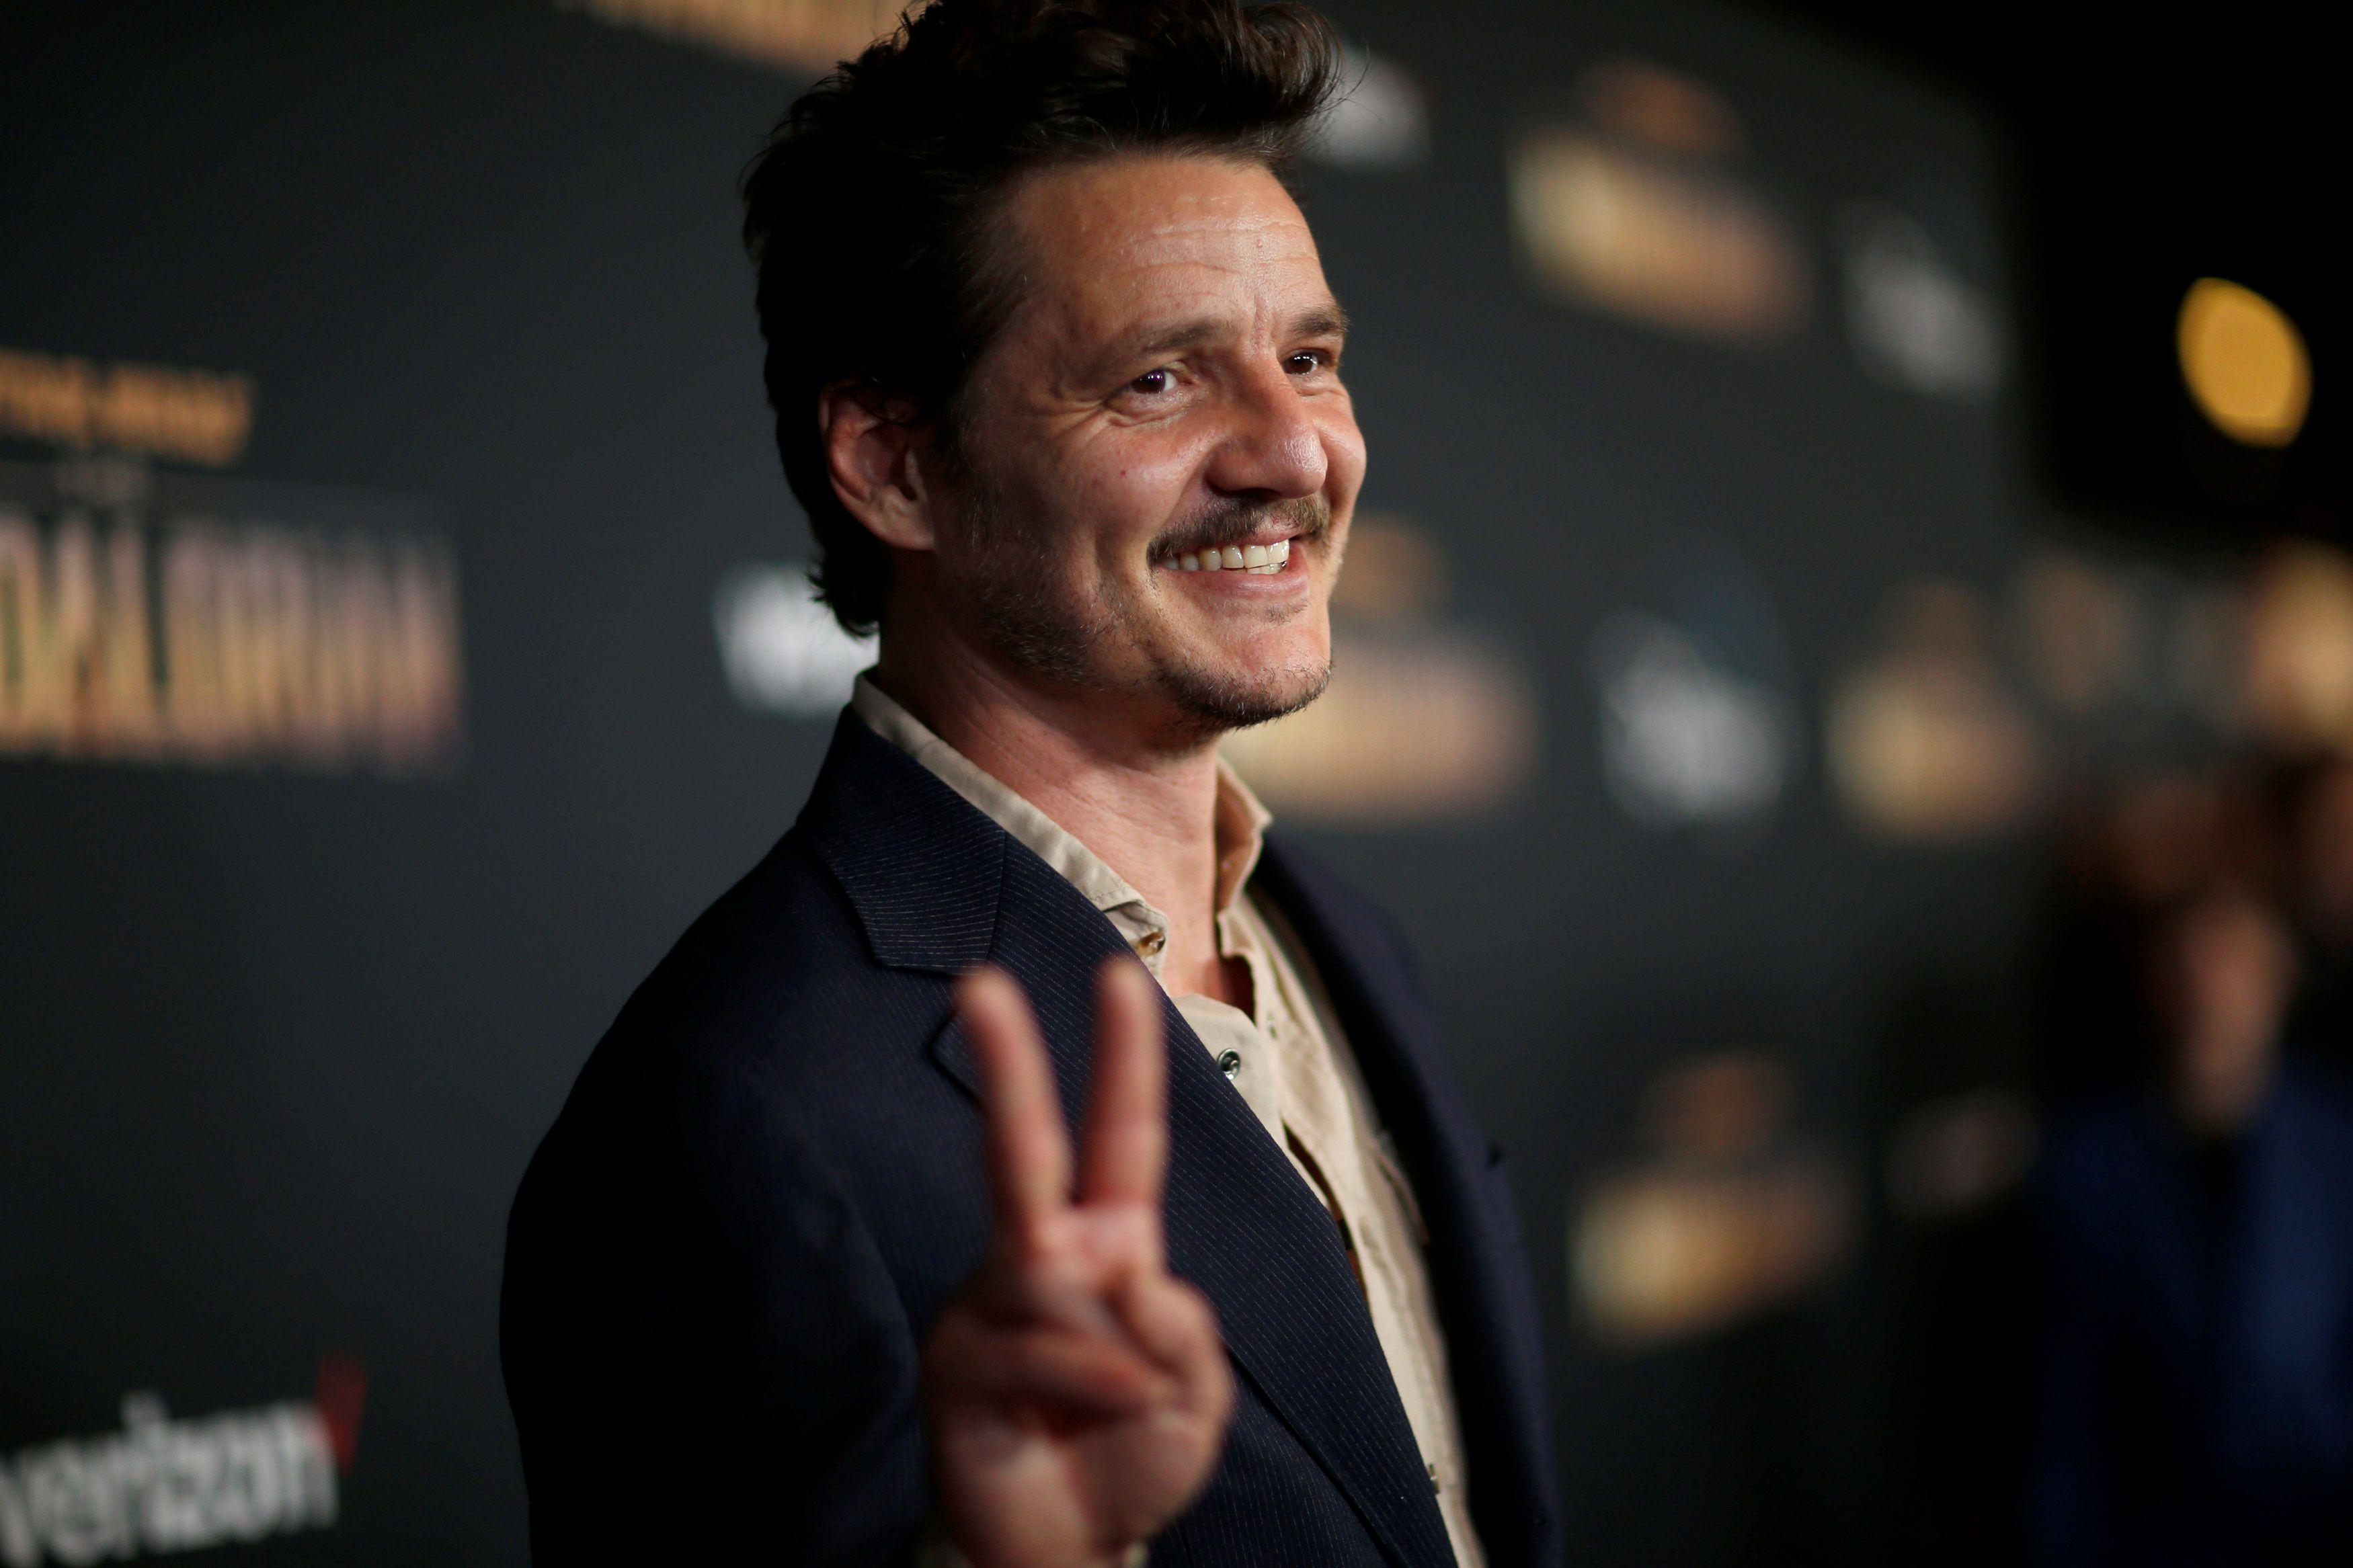 El actor chileno interpretará a Maxwell Lord (Foto: REUTERS/Mario Anzuoni)